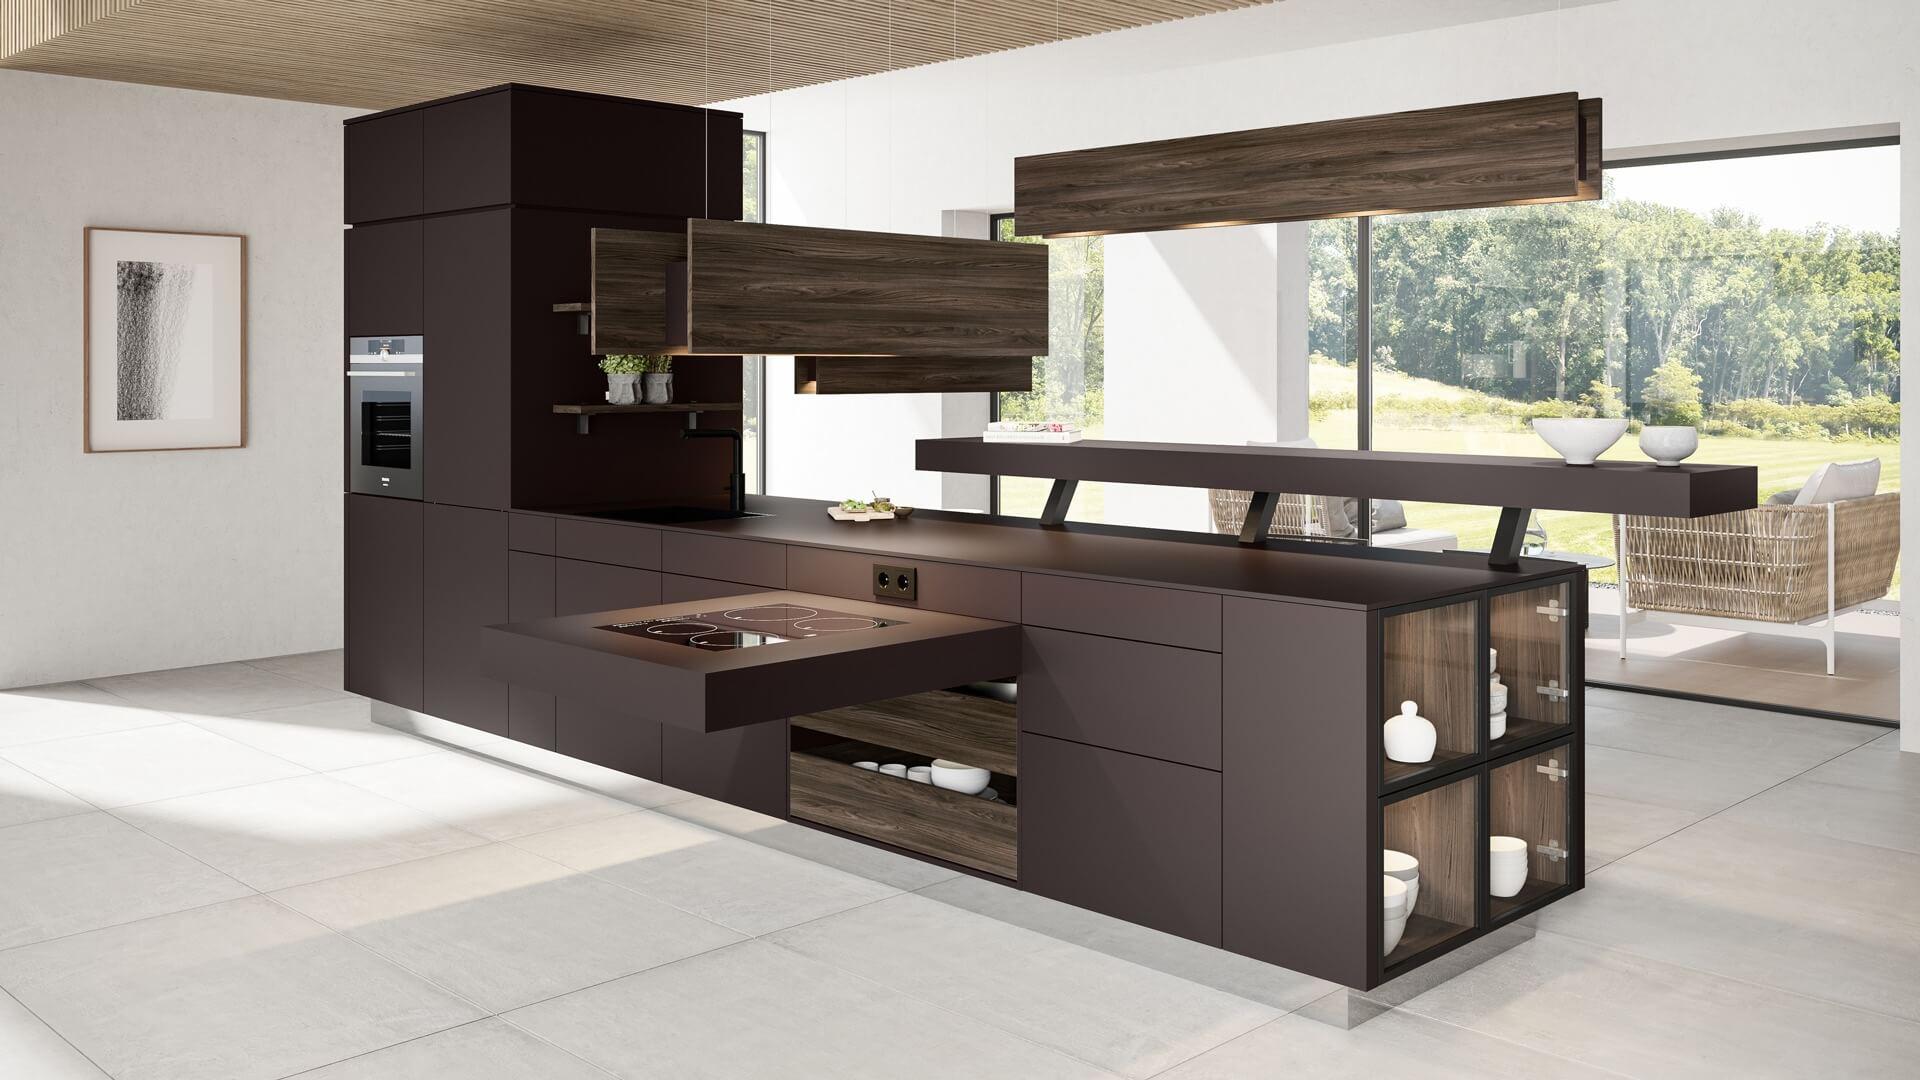 Frei stehende Kücheninsel in Mattlack mit Echtholz-Elementen